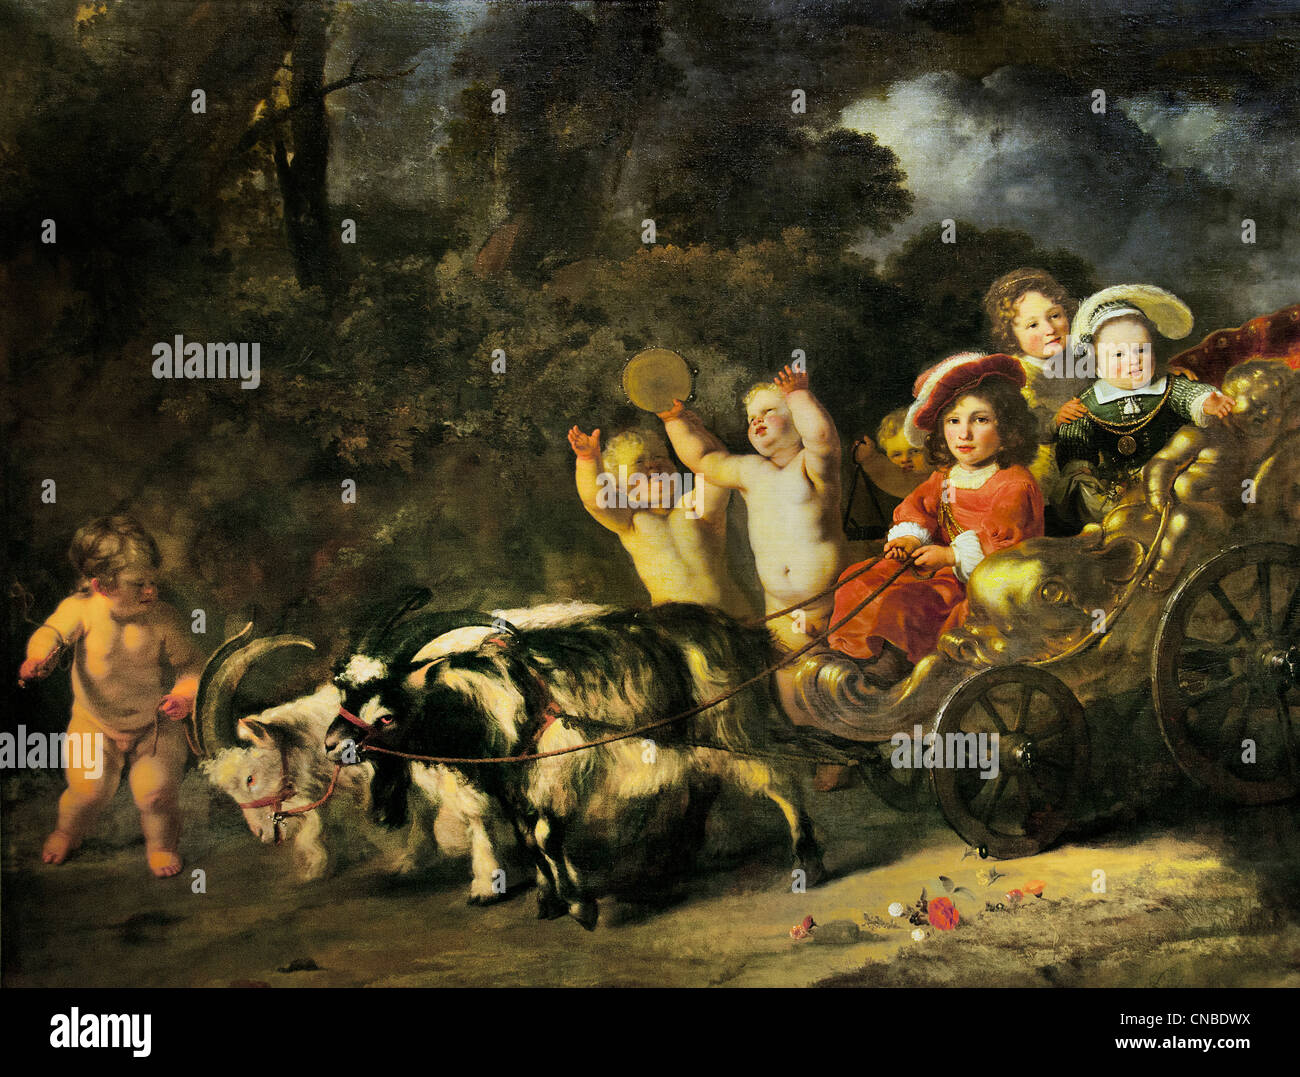 Los niños de la familia noble de viaje en un carro tirado por cabras 1654 Ferdinand BOL 1616 - 1680 Imagen De Stock